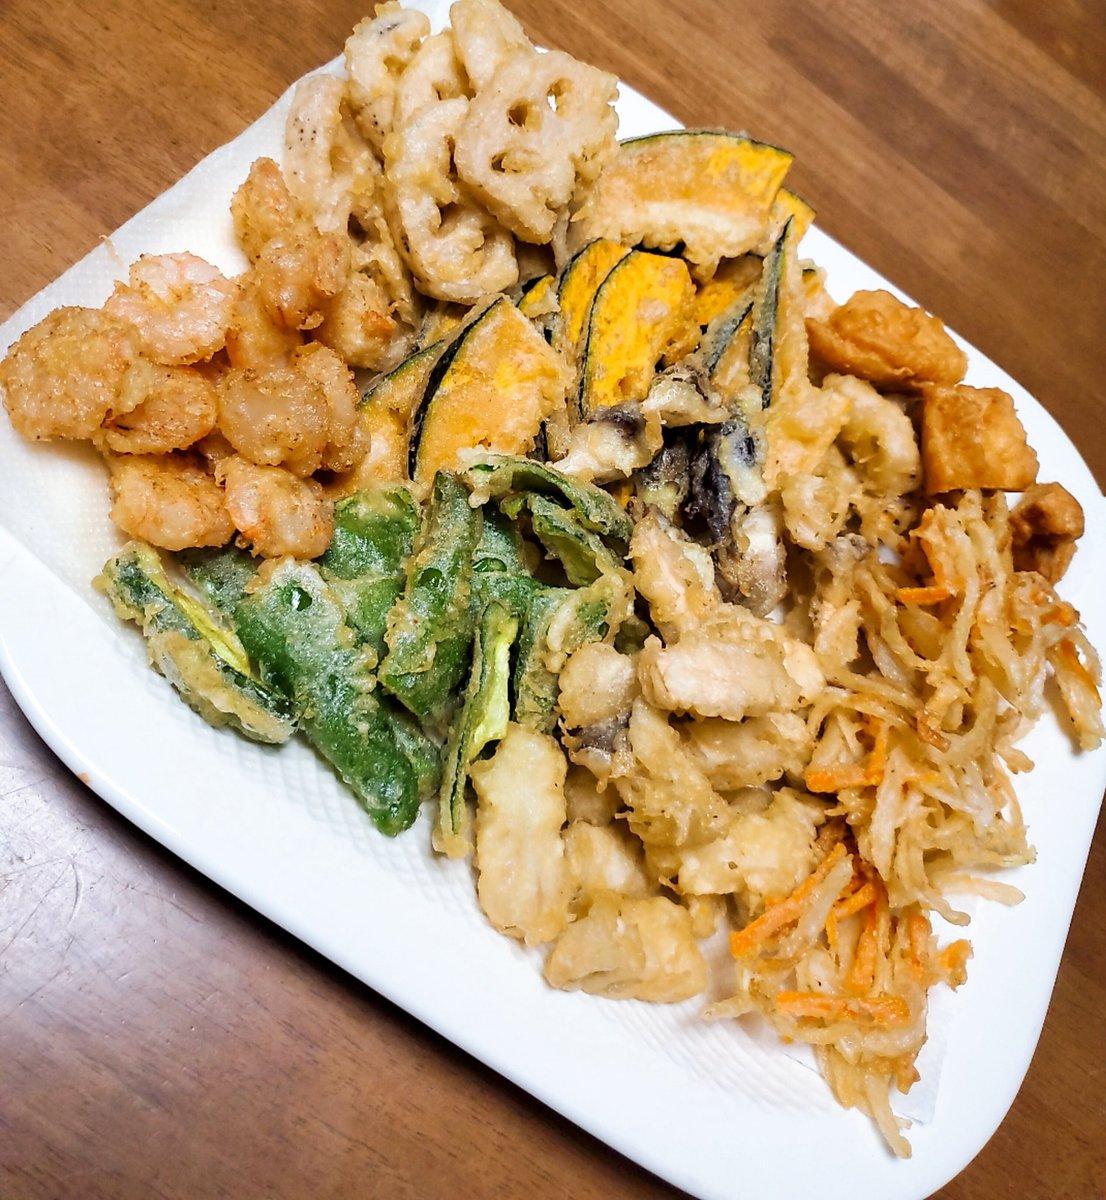 夜ご飯はうどんと天ぷら✨ うどんは頂きもので、あの有名な水沢うどん\(^^)/ これら何の天ぷらか分かりますか?  #裏アカ男子 #裏アカ女子とつながりたい #手料理 #料理男子 #おうちごはん #Twitter家庭料理部 #料理好きと繋がりたい #料理好きな人とつながりたい #少しでもいいなと思ったらいいね https://t.co/9duZP036ue